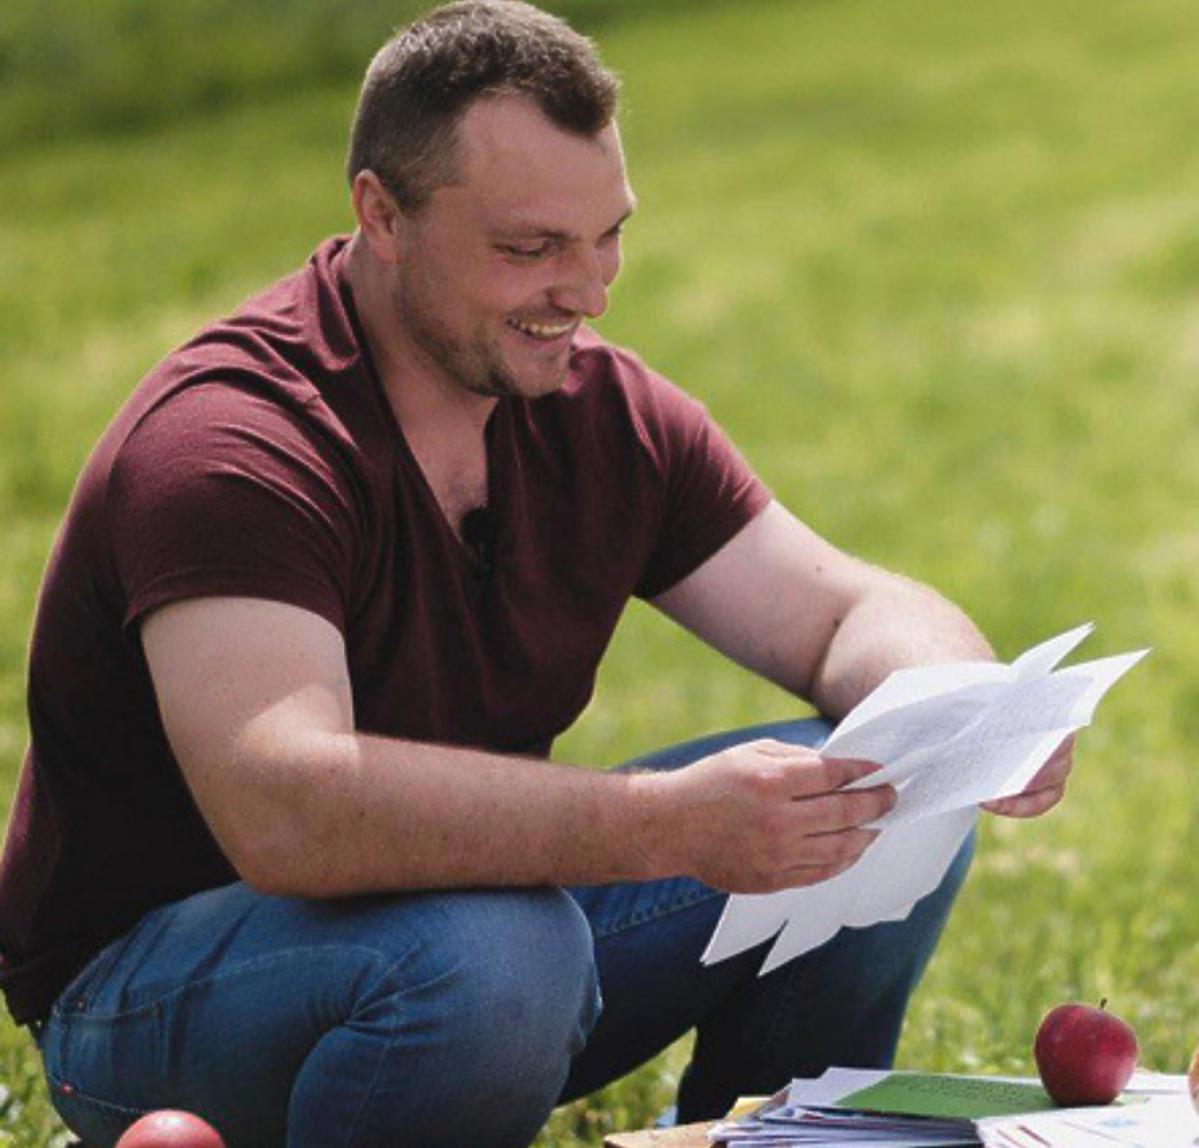 Grzegorz Toczydlowski Rolnik szuka żony